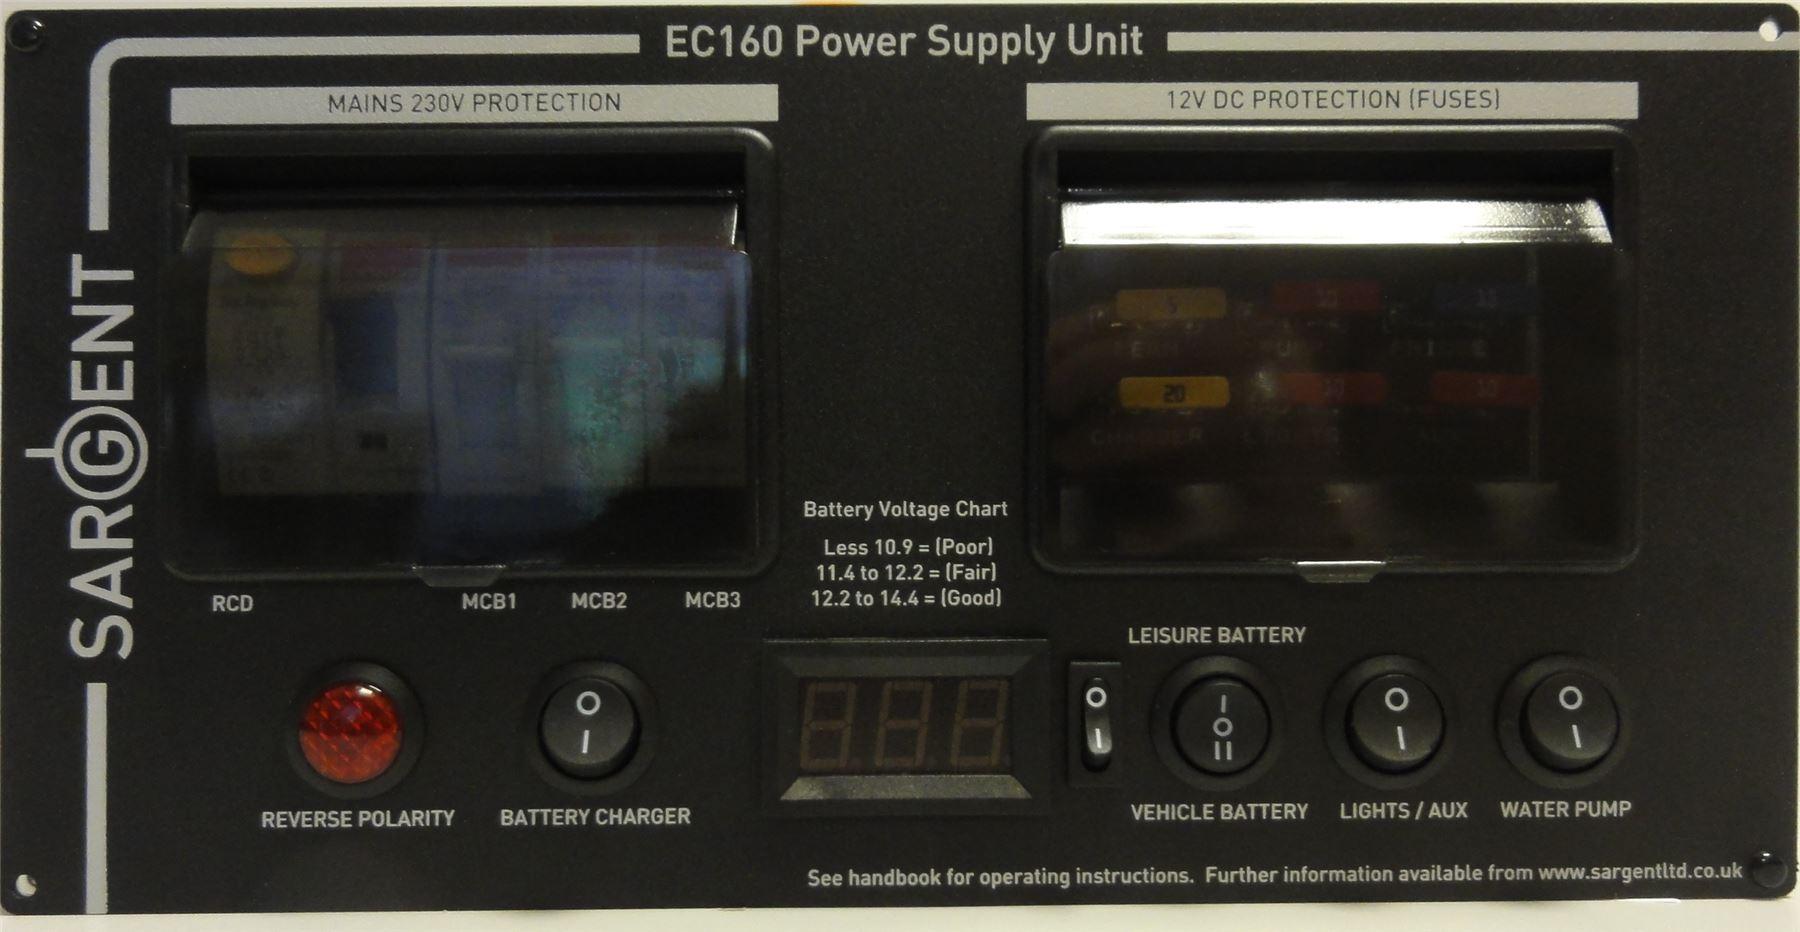 Sargent Ec160h Pms3 230v Campervan Motorhome Power Management System Wiring Diagram Rcd 240v For A Caravan The Ec160 Unit In Black